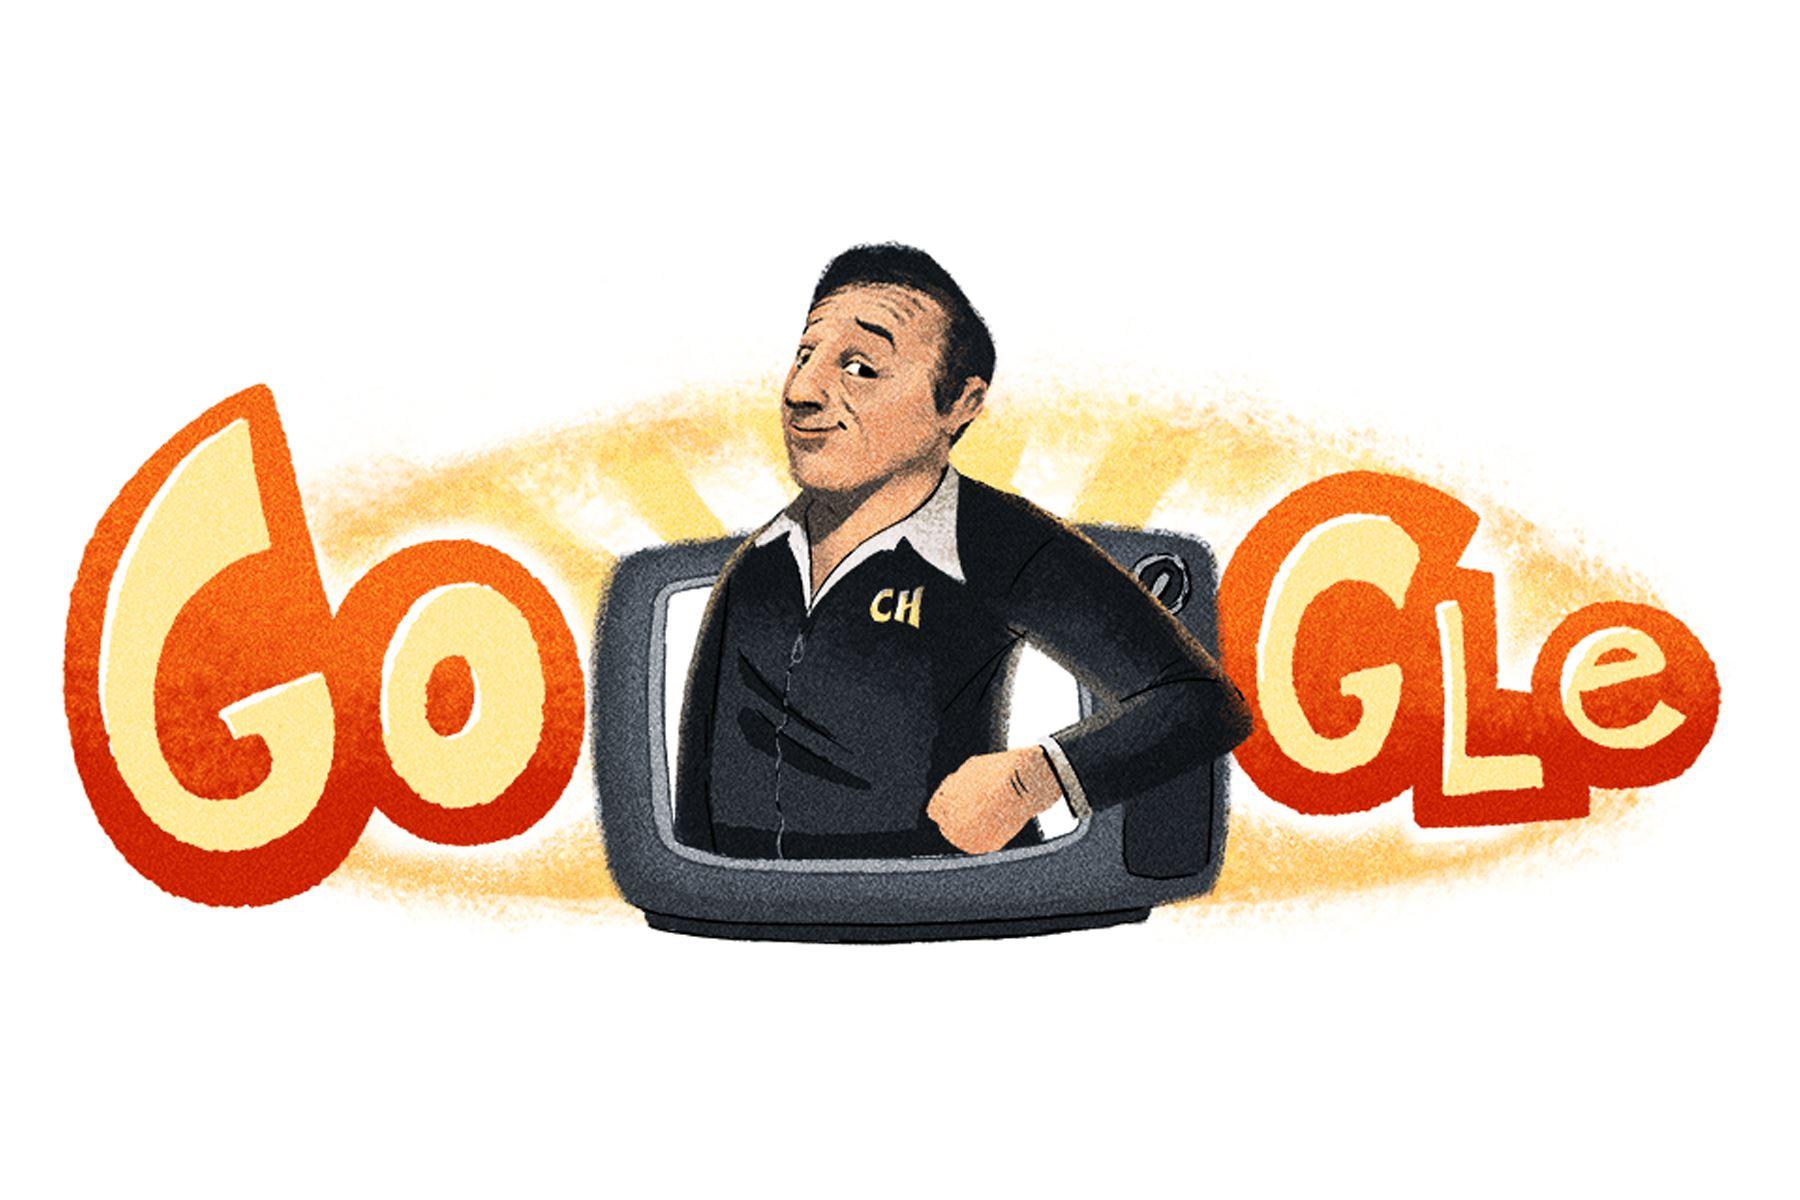 La artista del doodle, Helene Leroux, explicó en el blog oficial de Google que había creado una animación algunos años atrás sobre el programa El Chavo del Ocho.